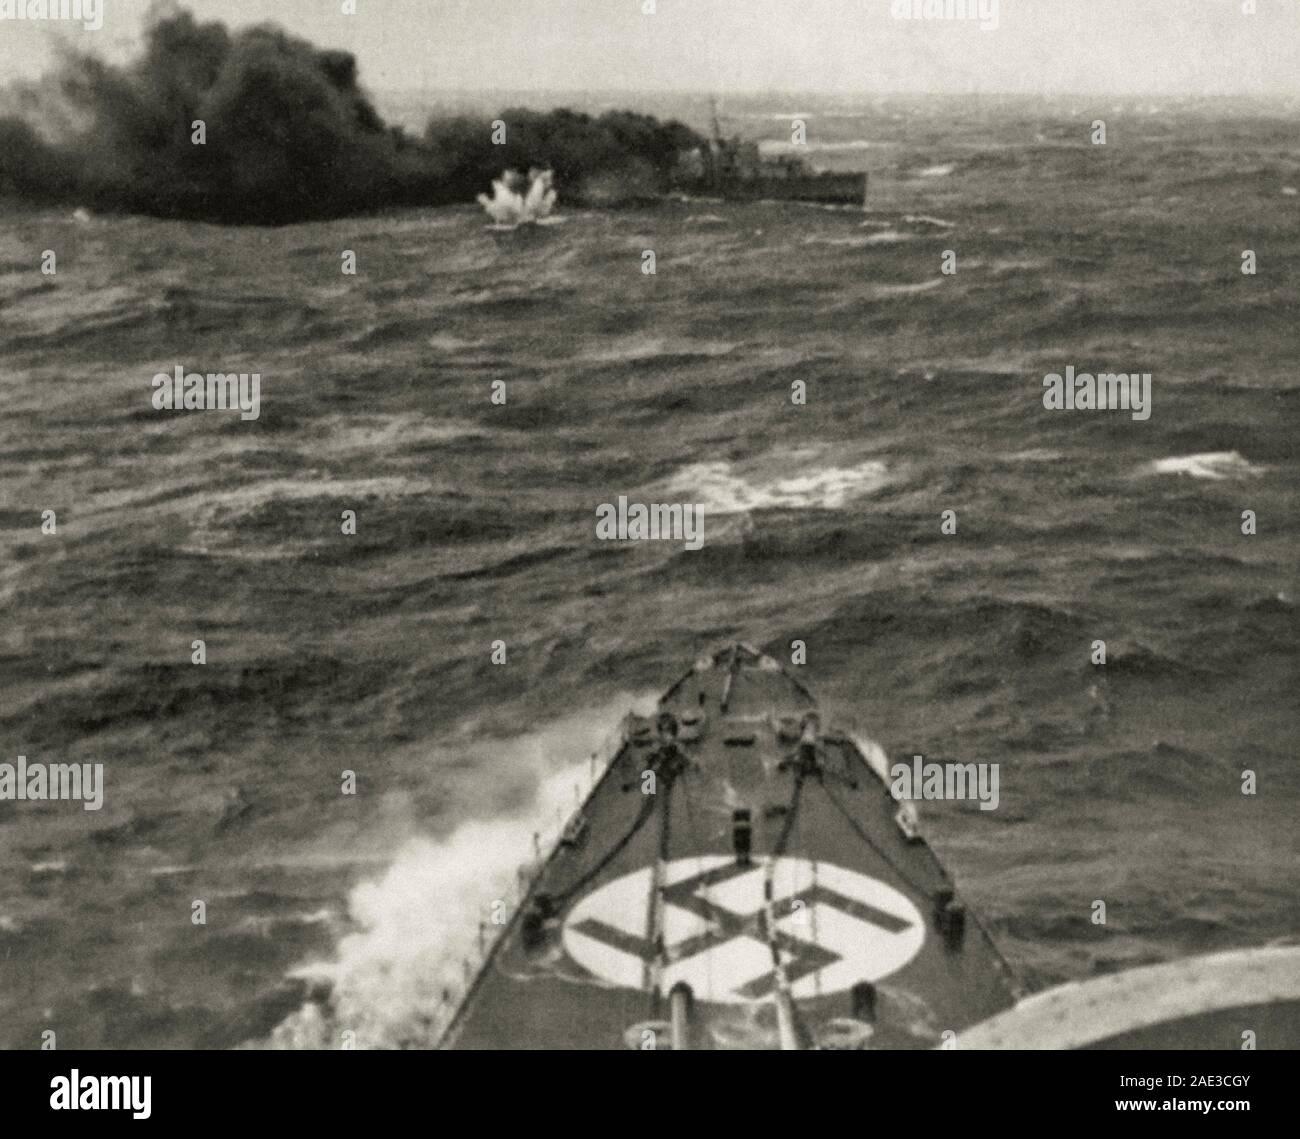 El alemán Admiral Hipper HEAVY CRUISER ataca el destructor británico HMS Glowworm. El destructor se pone una cortina de humo. Mar del Norte, cerca del puerto de Narv Foto de stock